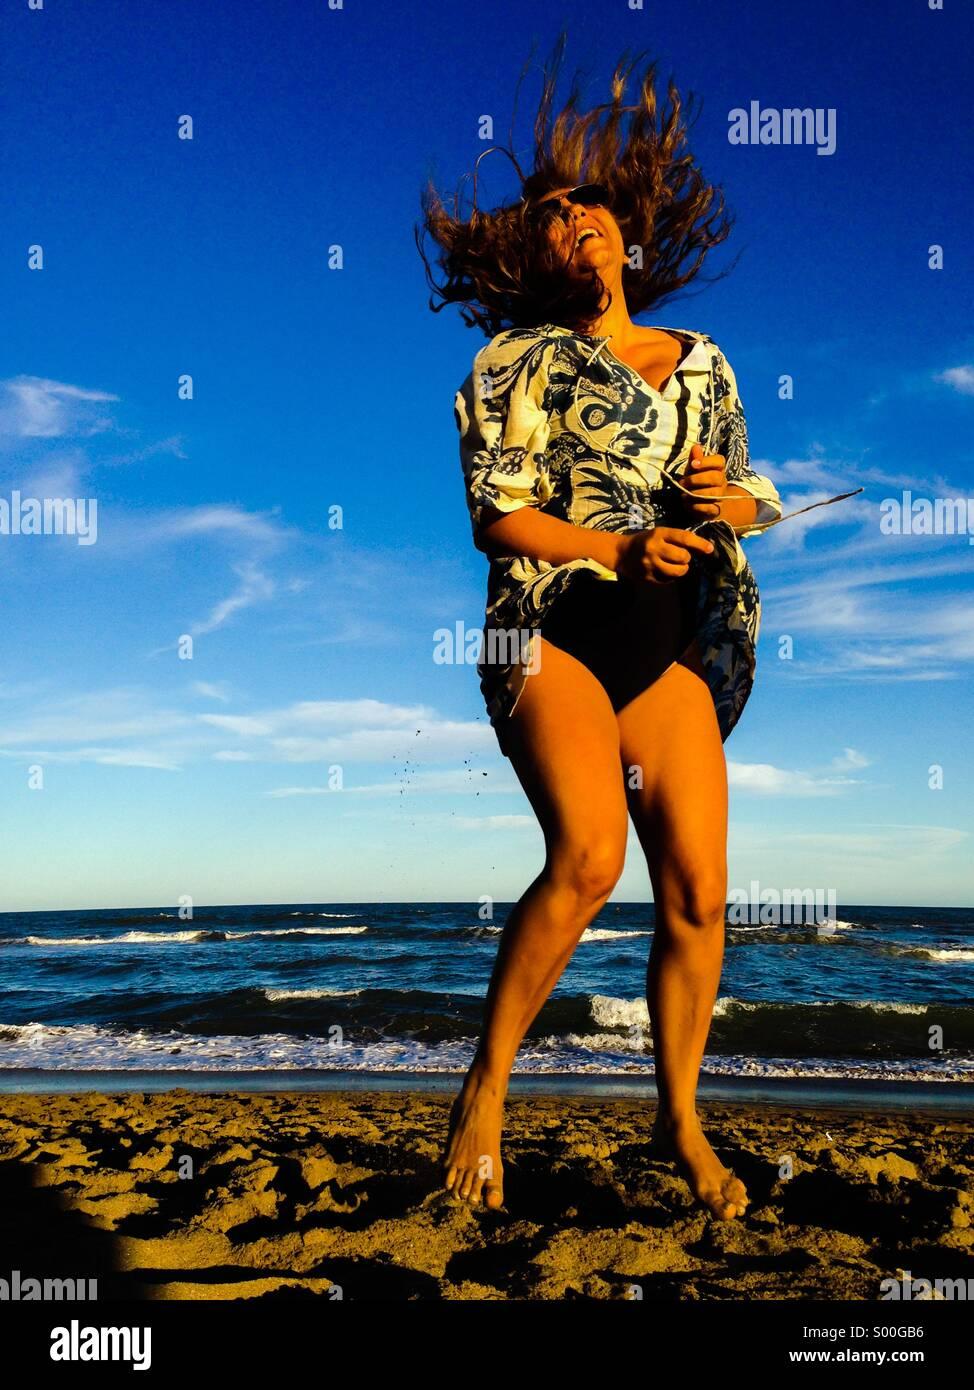 La joie dans la plage Photo Stock